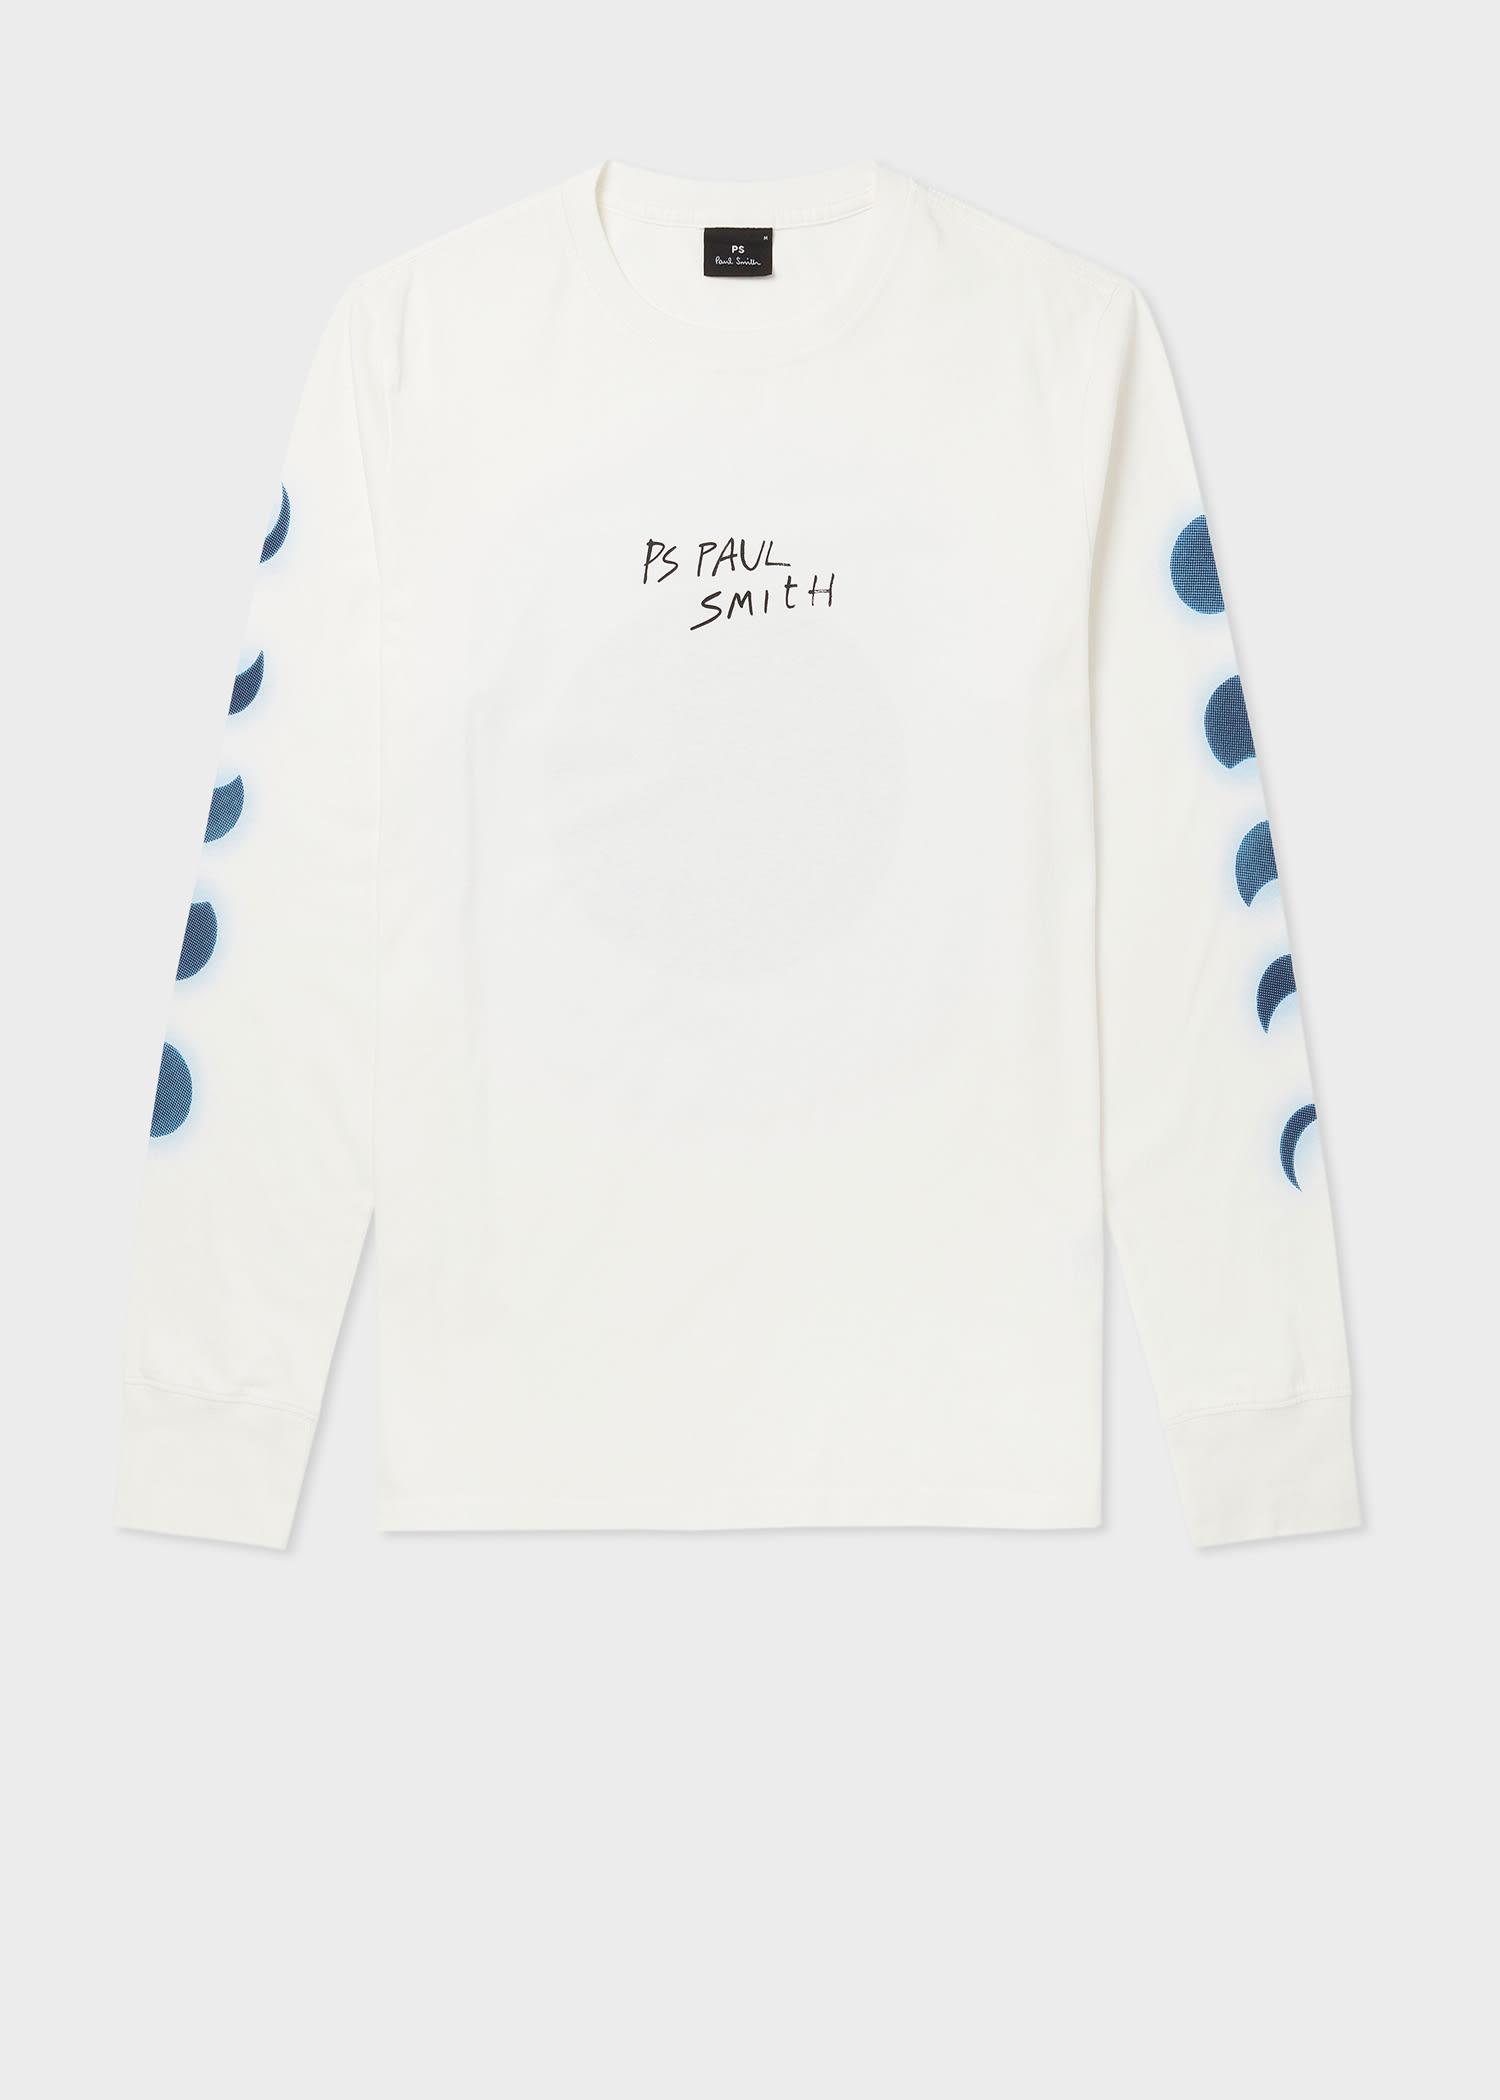 폴 스미스 티셔츠  Paul Smith Mens White Moon Print Cotton Long-Sleeve T-Shirt